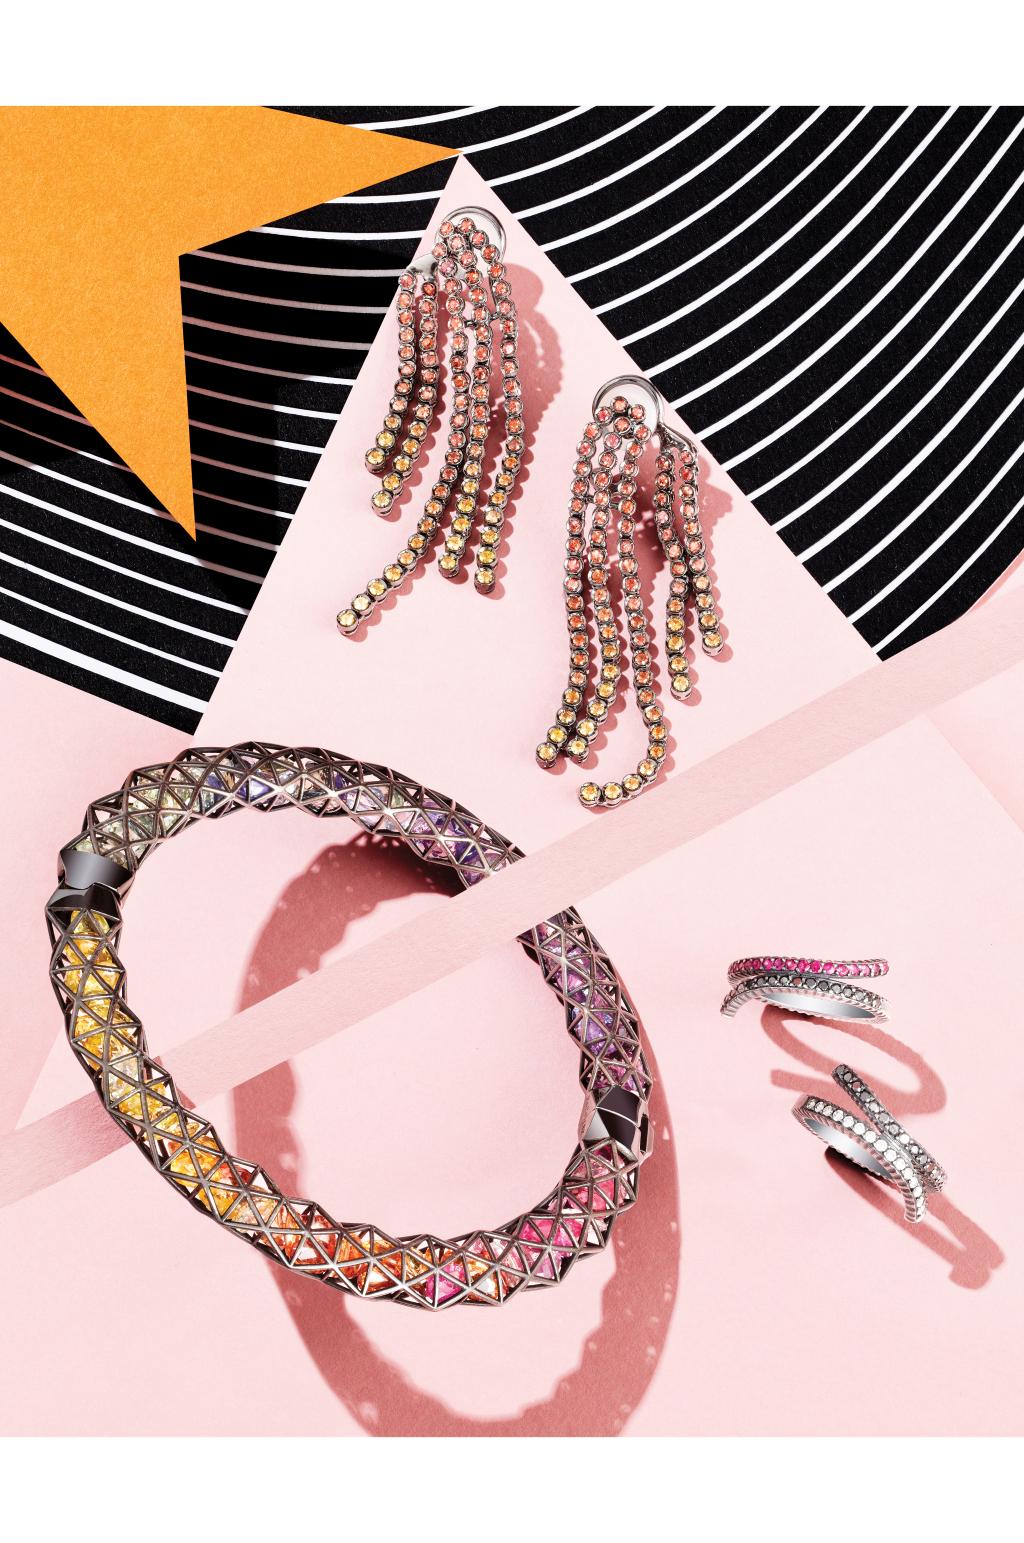 Модные украшения: кольцо с бриллиантами, розовыми сапфирами и цаворитами и в таком же стиле серьги с обилием камней.